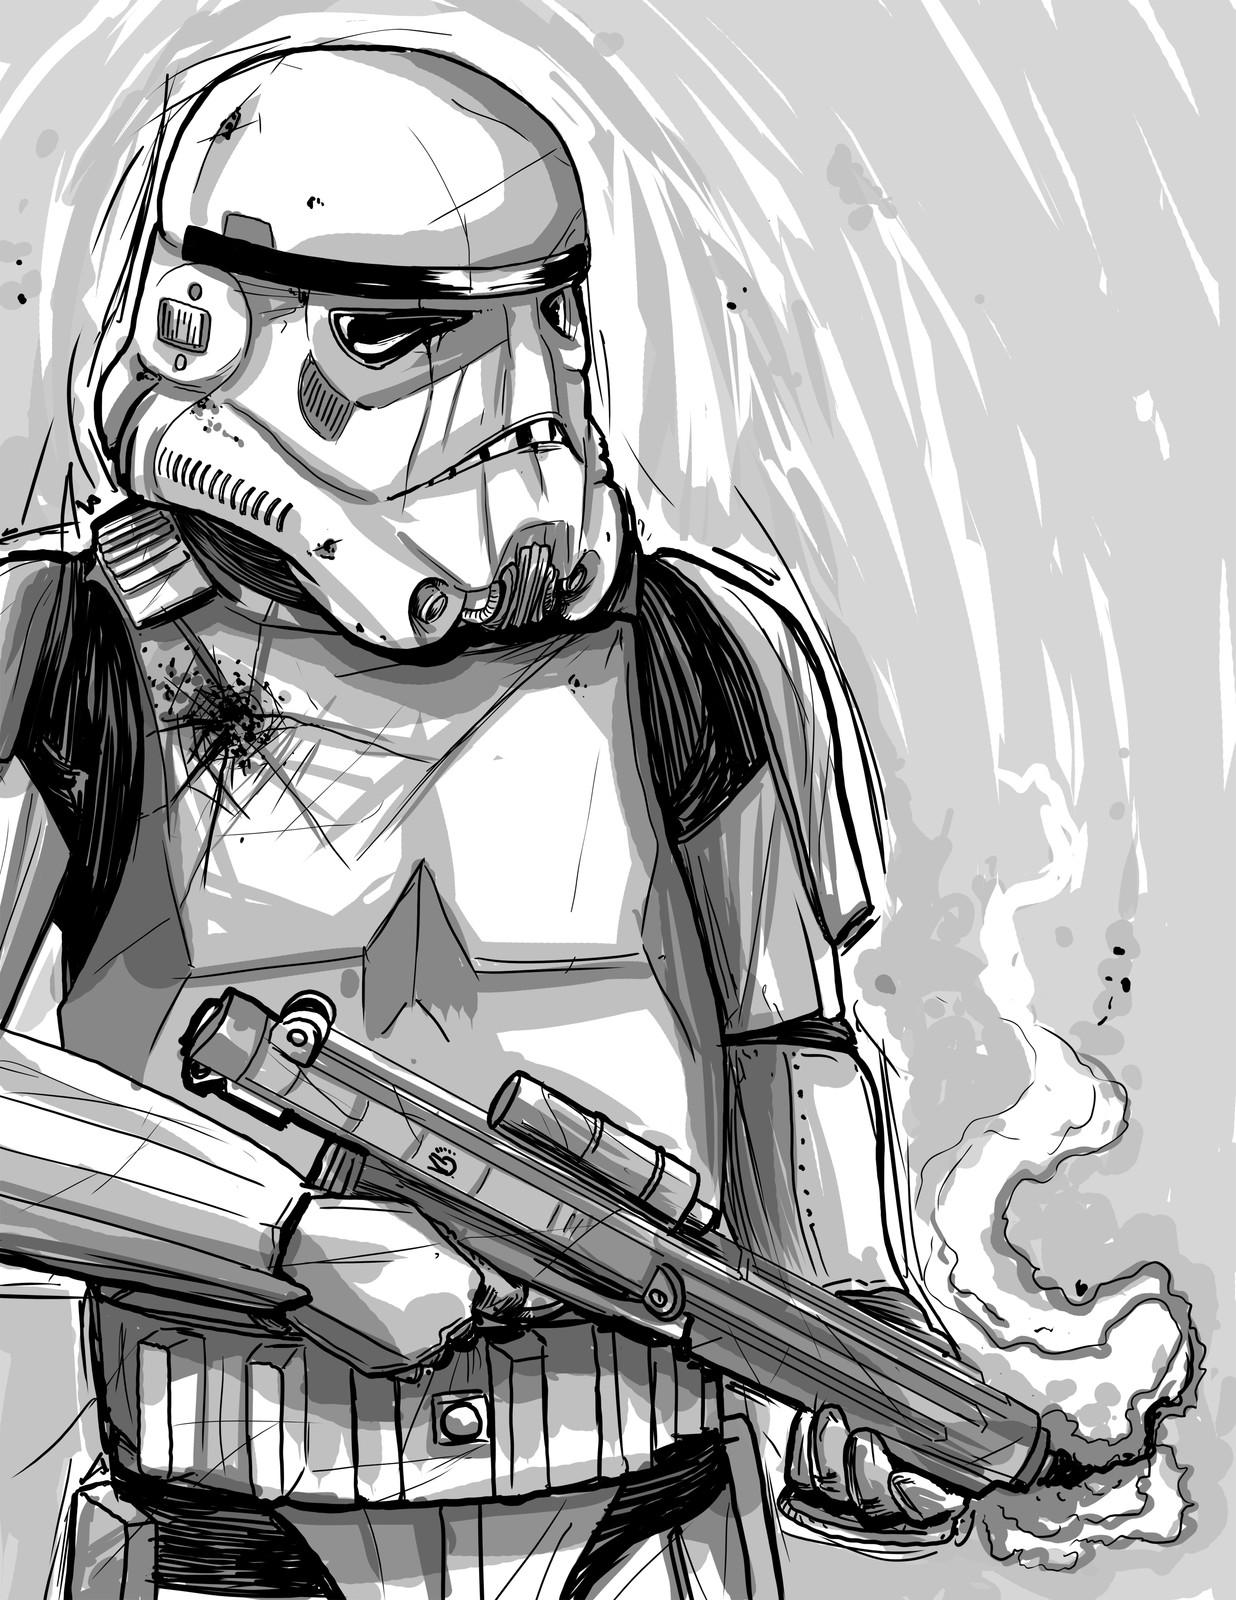 Stormtrooper Battle Damaged